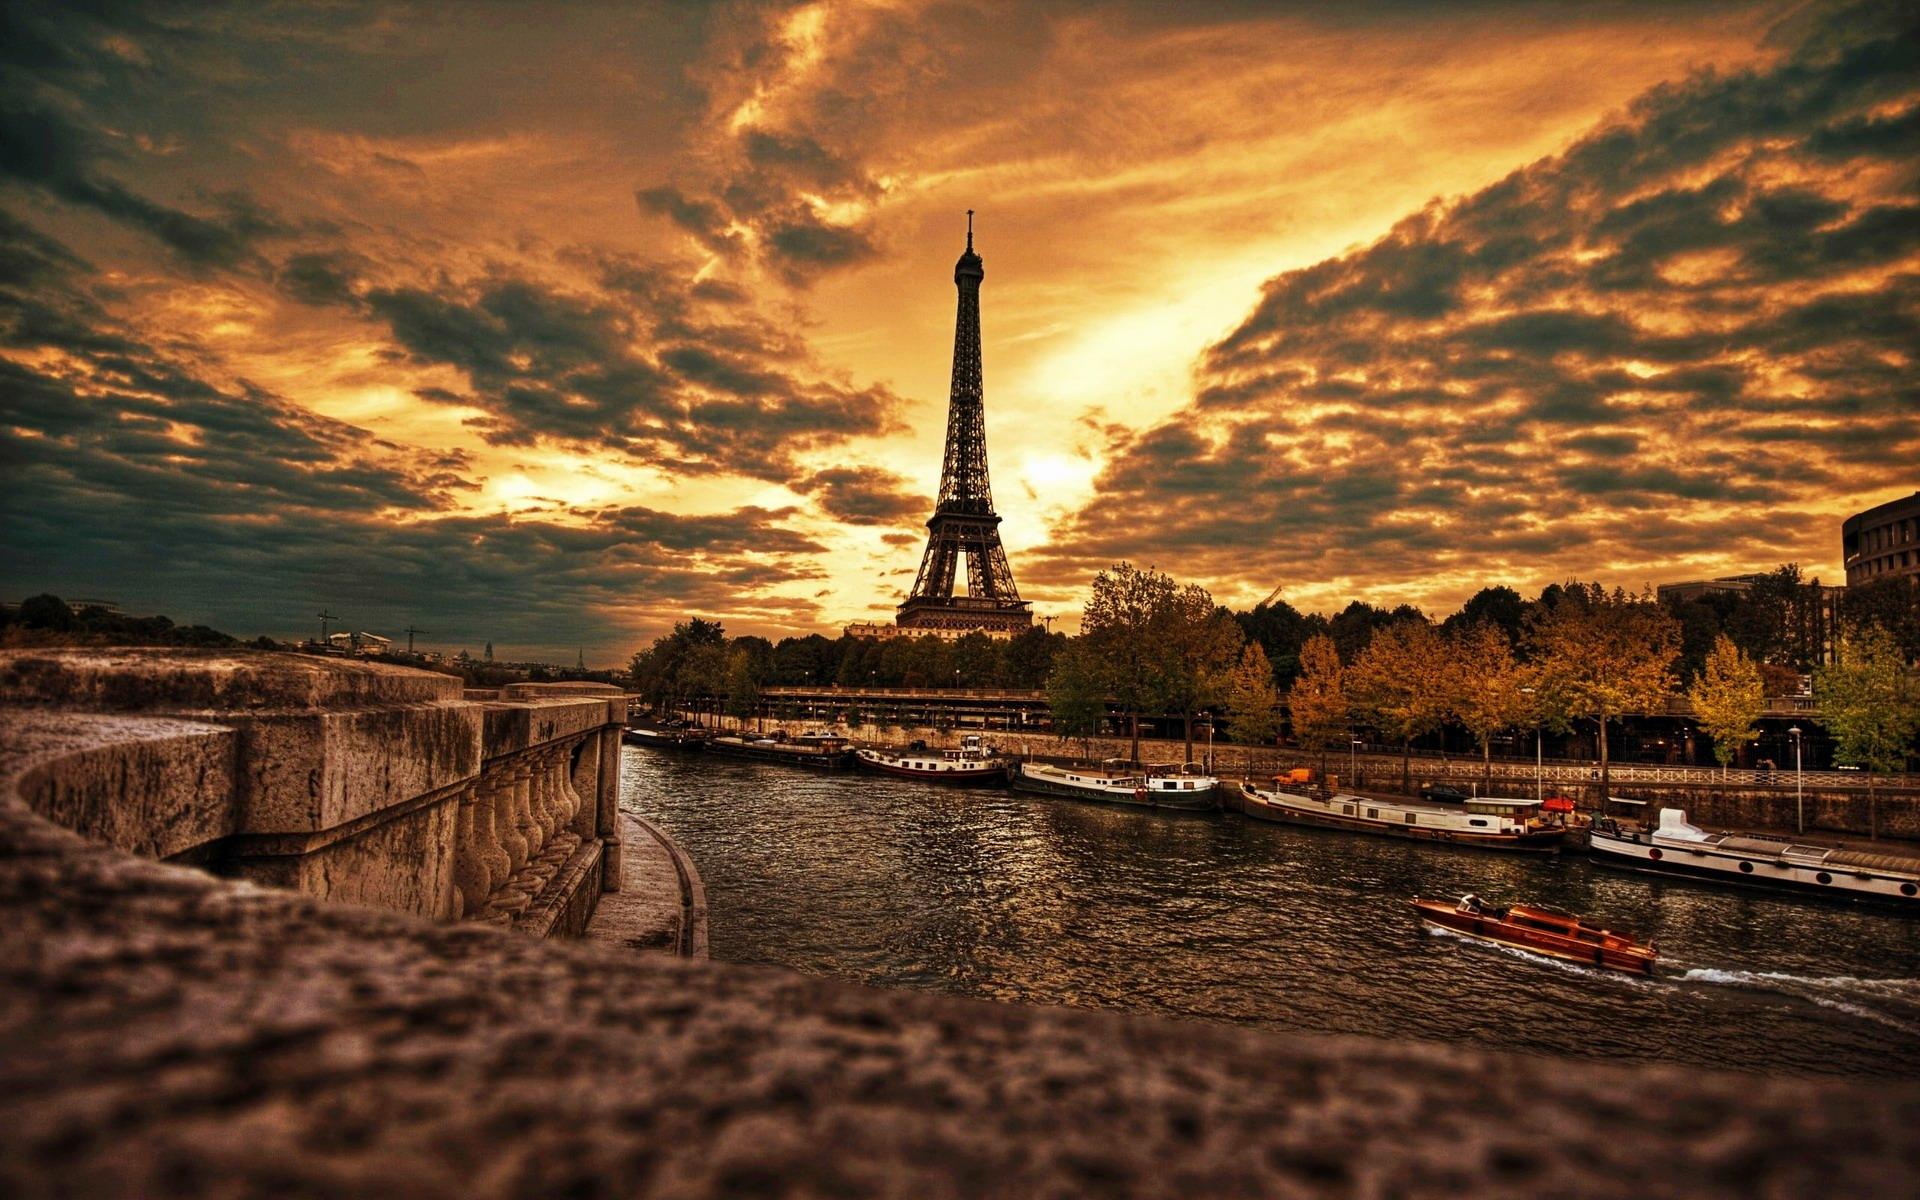 صورة صور خلفيات جميلة , اجمل الصور لاحلى خلفيات